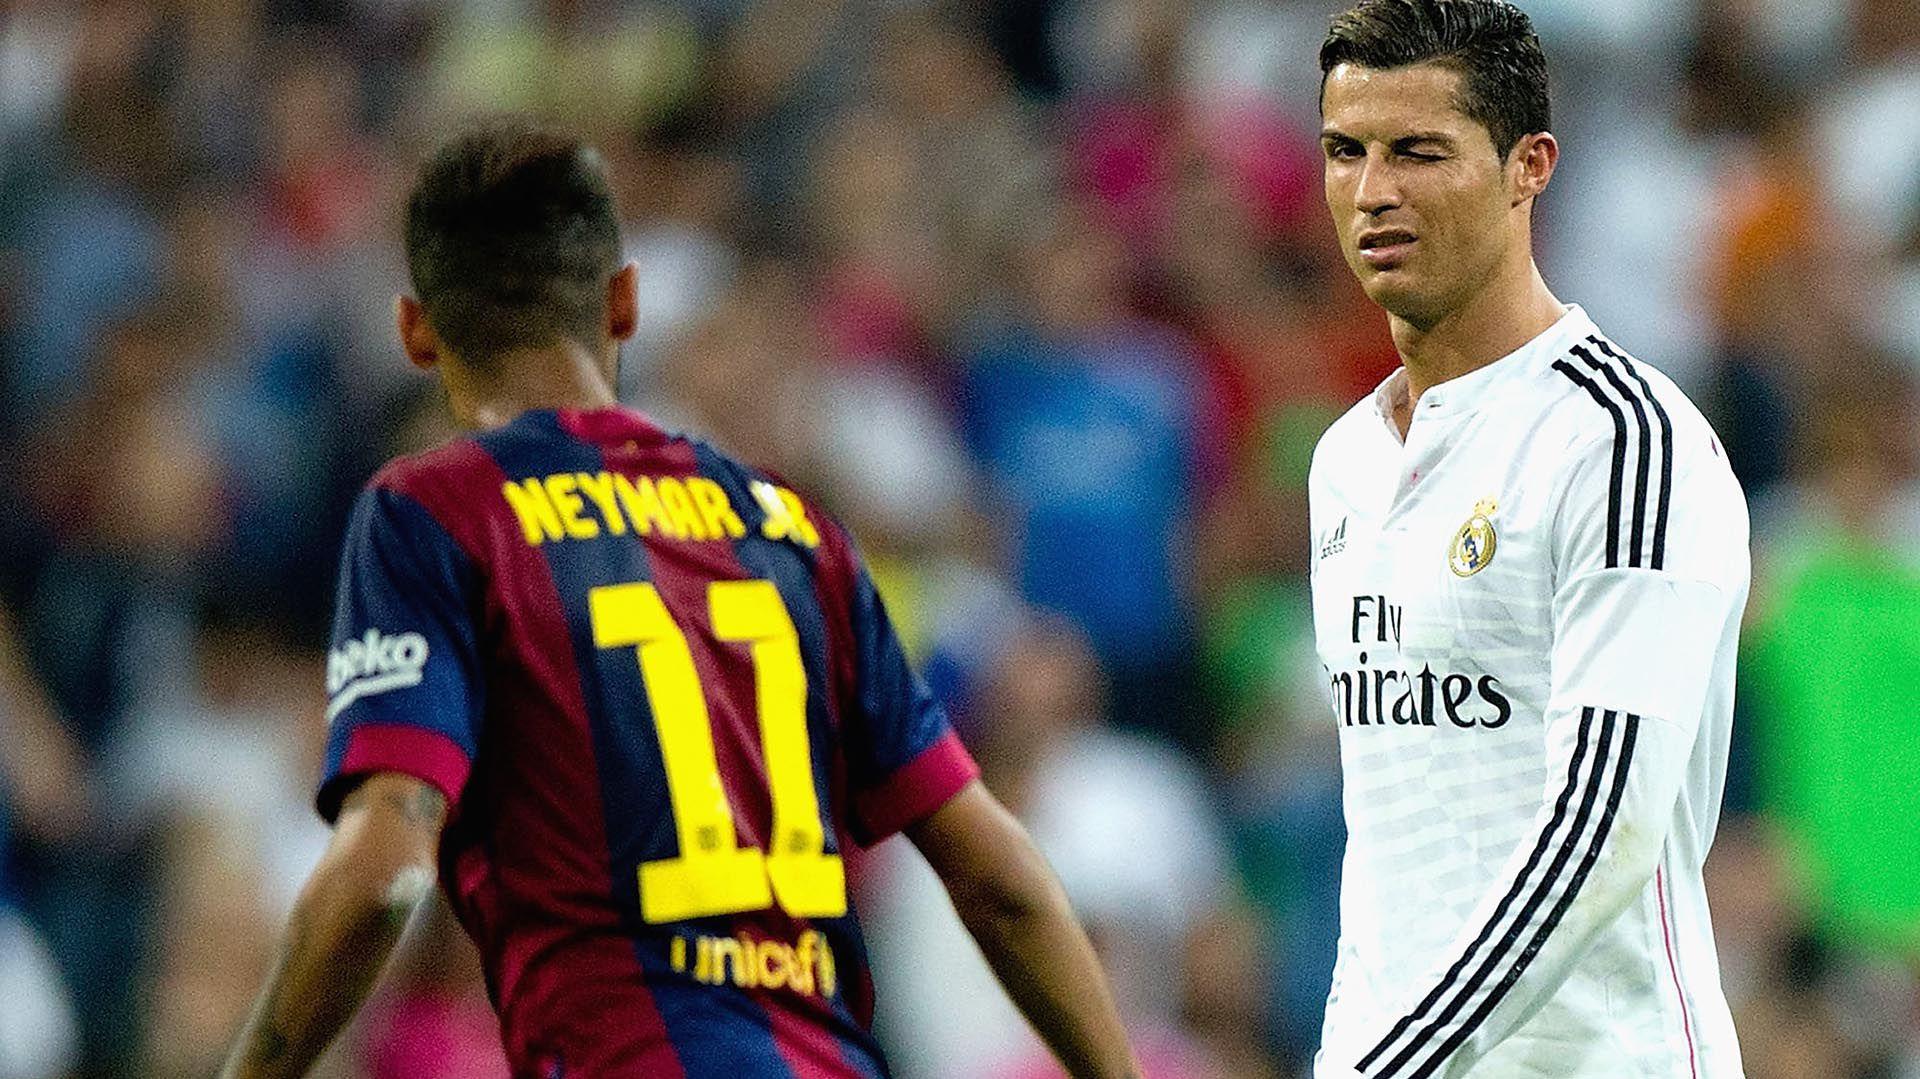 Neymar enfrentó a Cristiano Ronaldo cuando ambos estaban en La Liga de España (Foto: Gonzalo Arroyo Moreno/Getty Images)